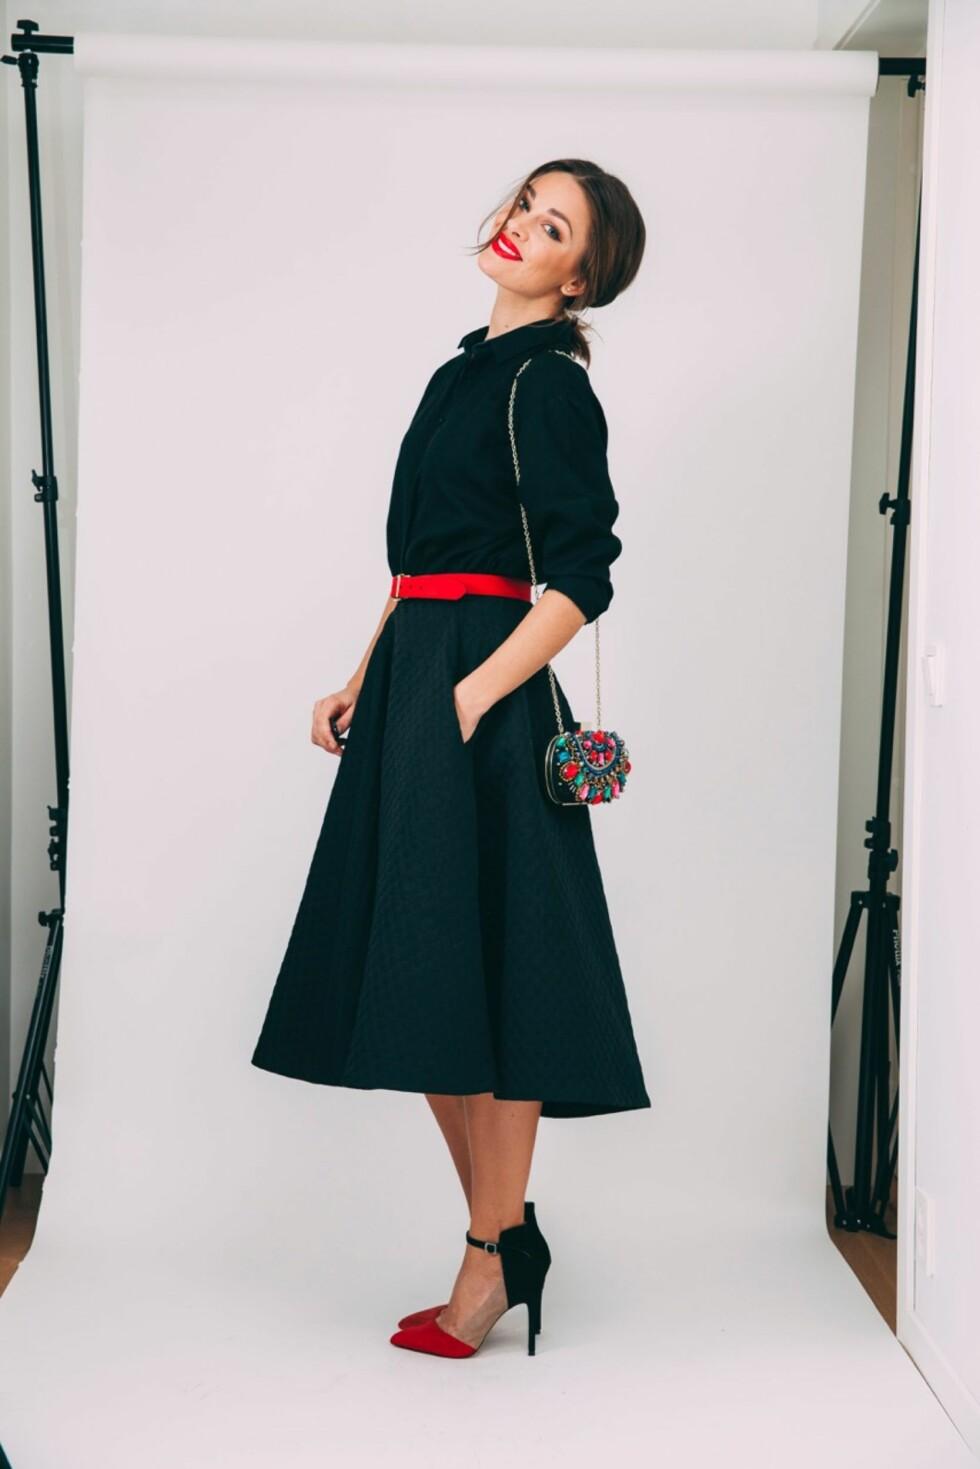 FEMININ: Her har Jenny Skavlan brukt kjolen som en skjorte. Hun valgte en feminin 50 talls-stil med røde lepper, rødt belte og røde detaljer på skoene. Foto: Jenny Skavlan